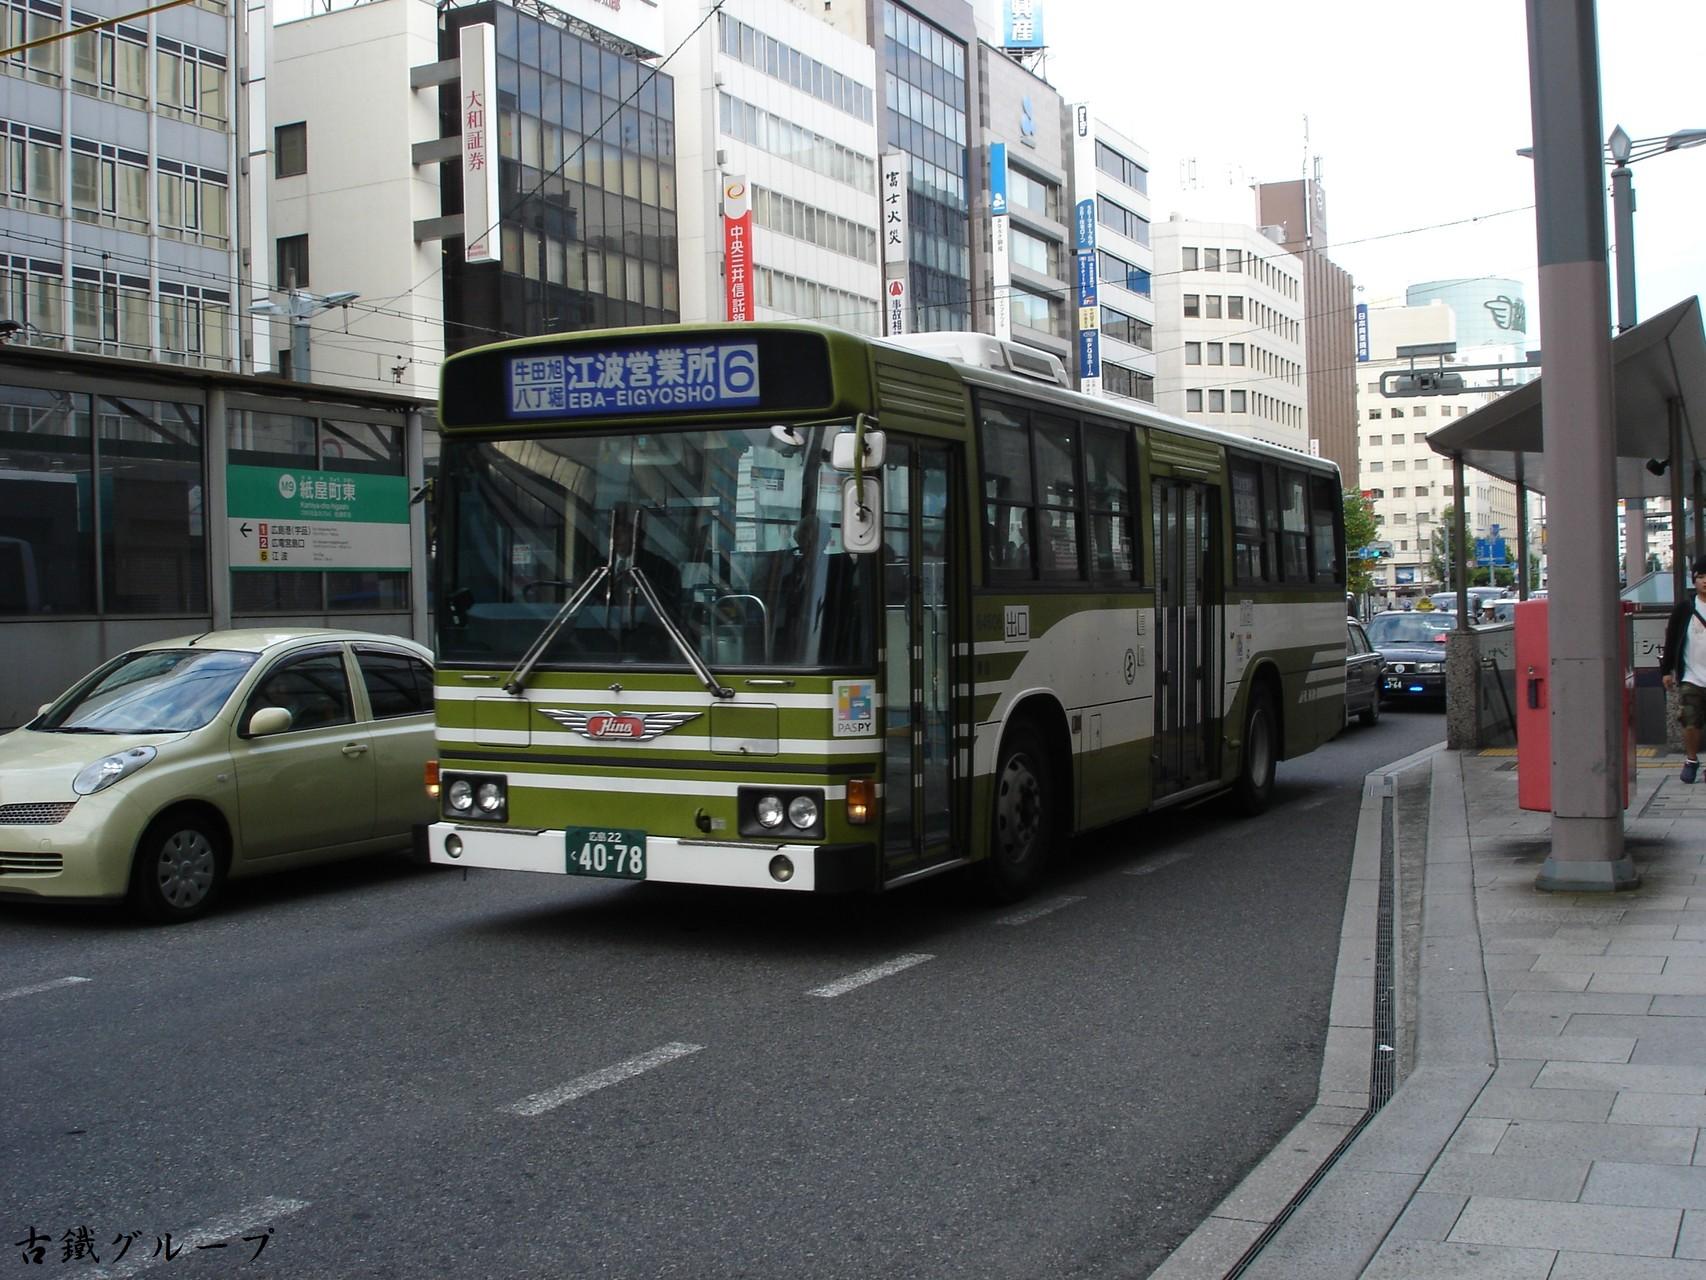 広島 22 く 40-78(2011年10月)